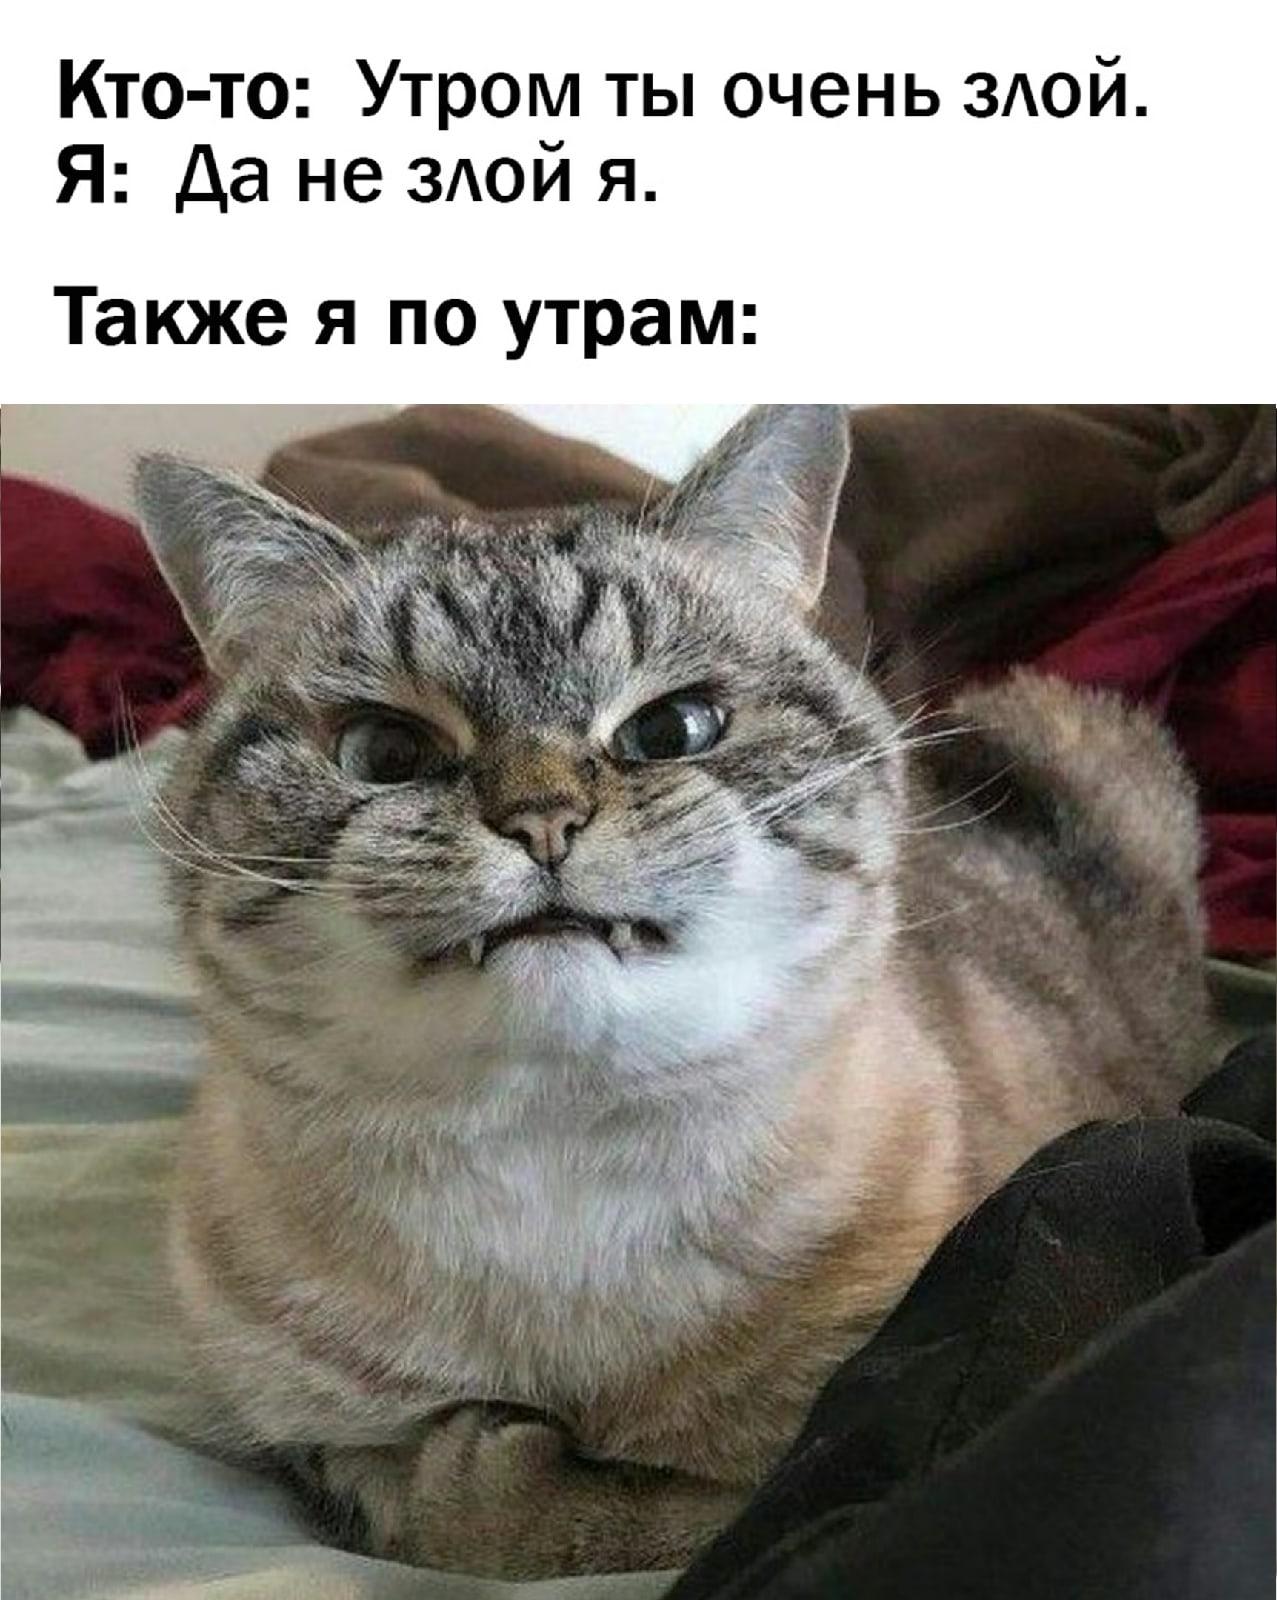 Доброе утро, #Волжский ✌️